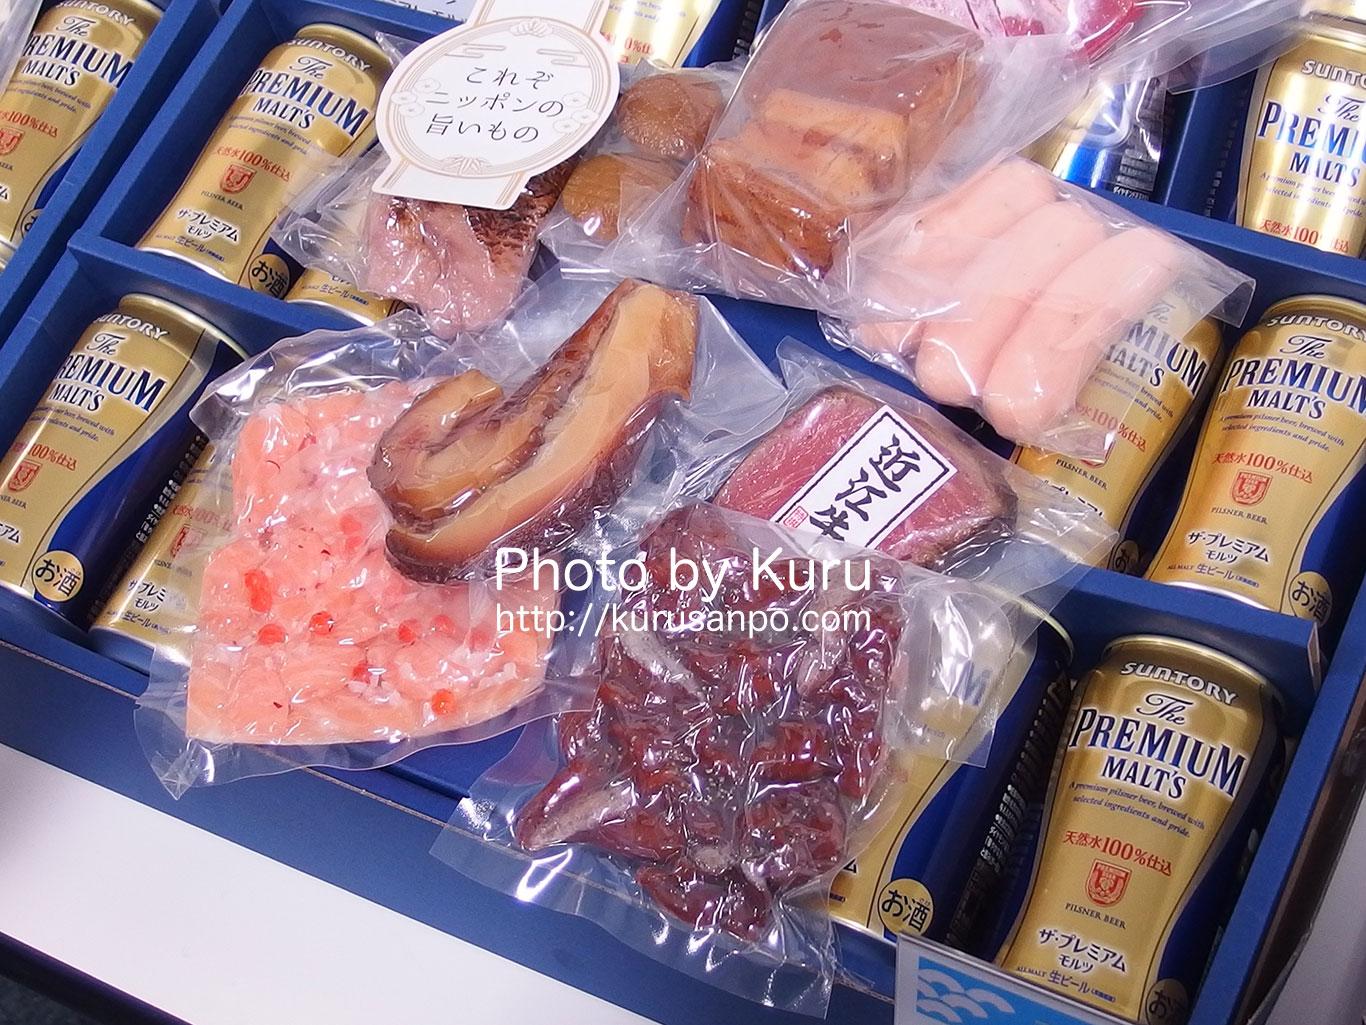 47CLUB(よんななくらぶ)と三越伊勢丹が選ぶ日本の美味い物グルメとサントリー『プレミアム・モルツ』のセット♪